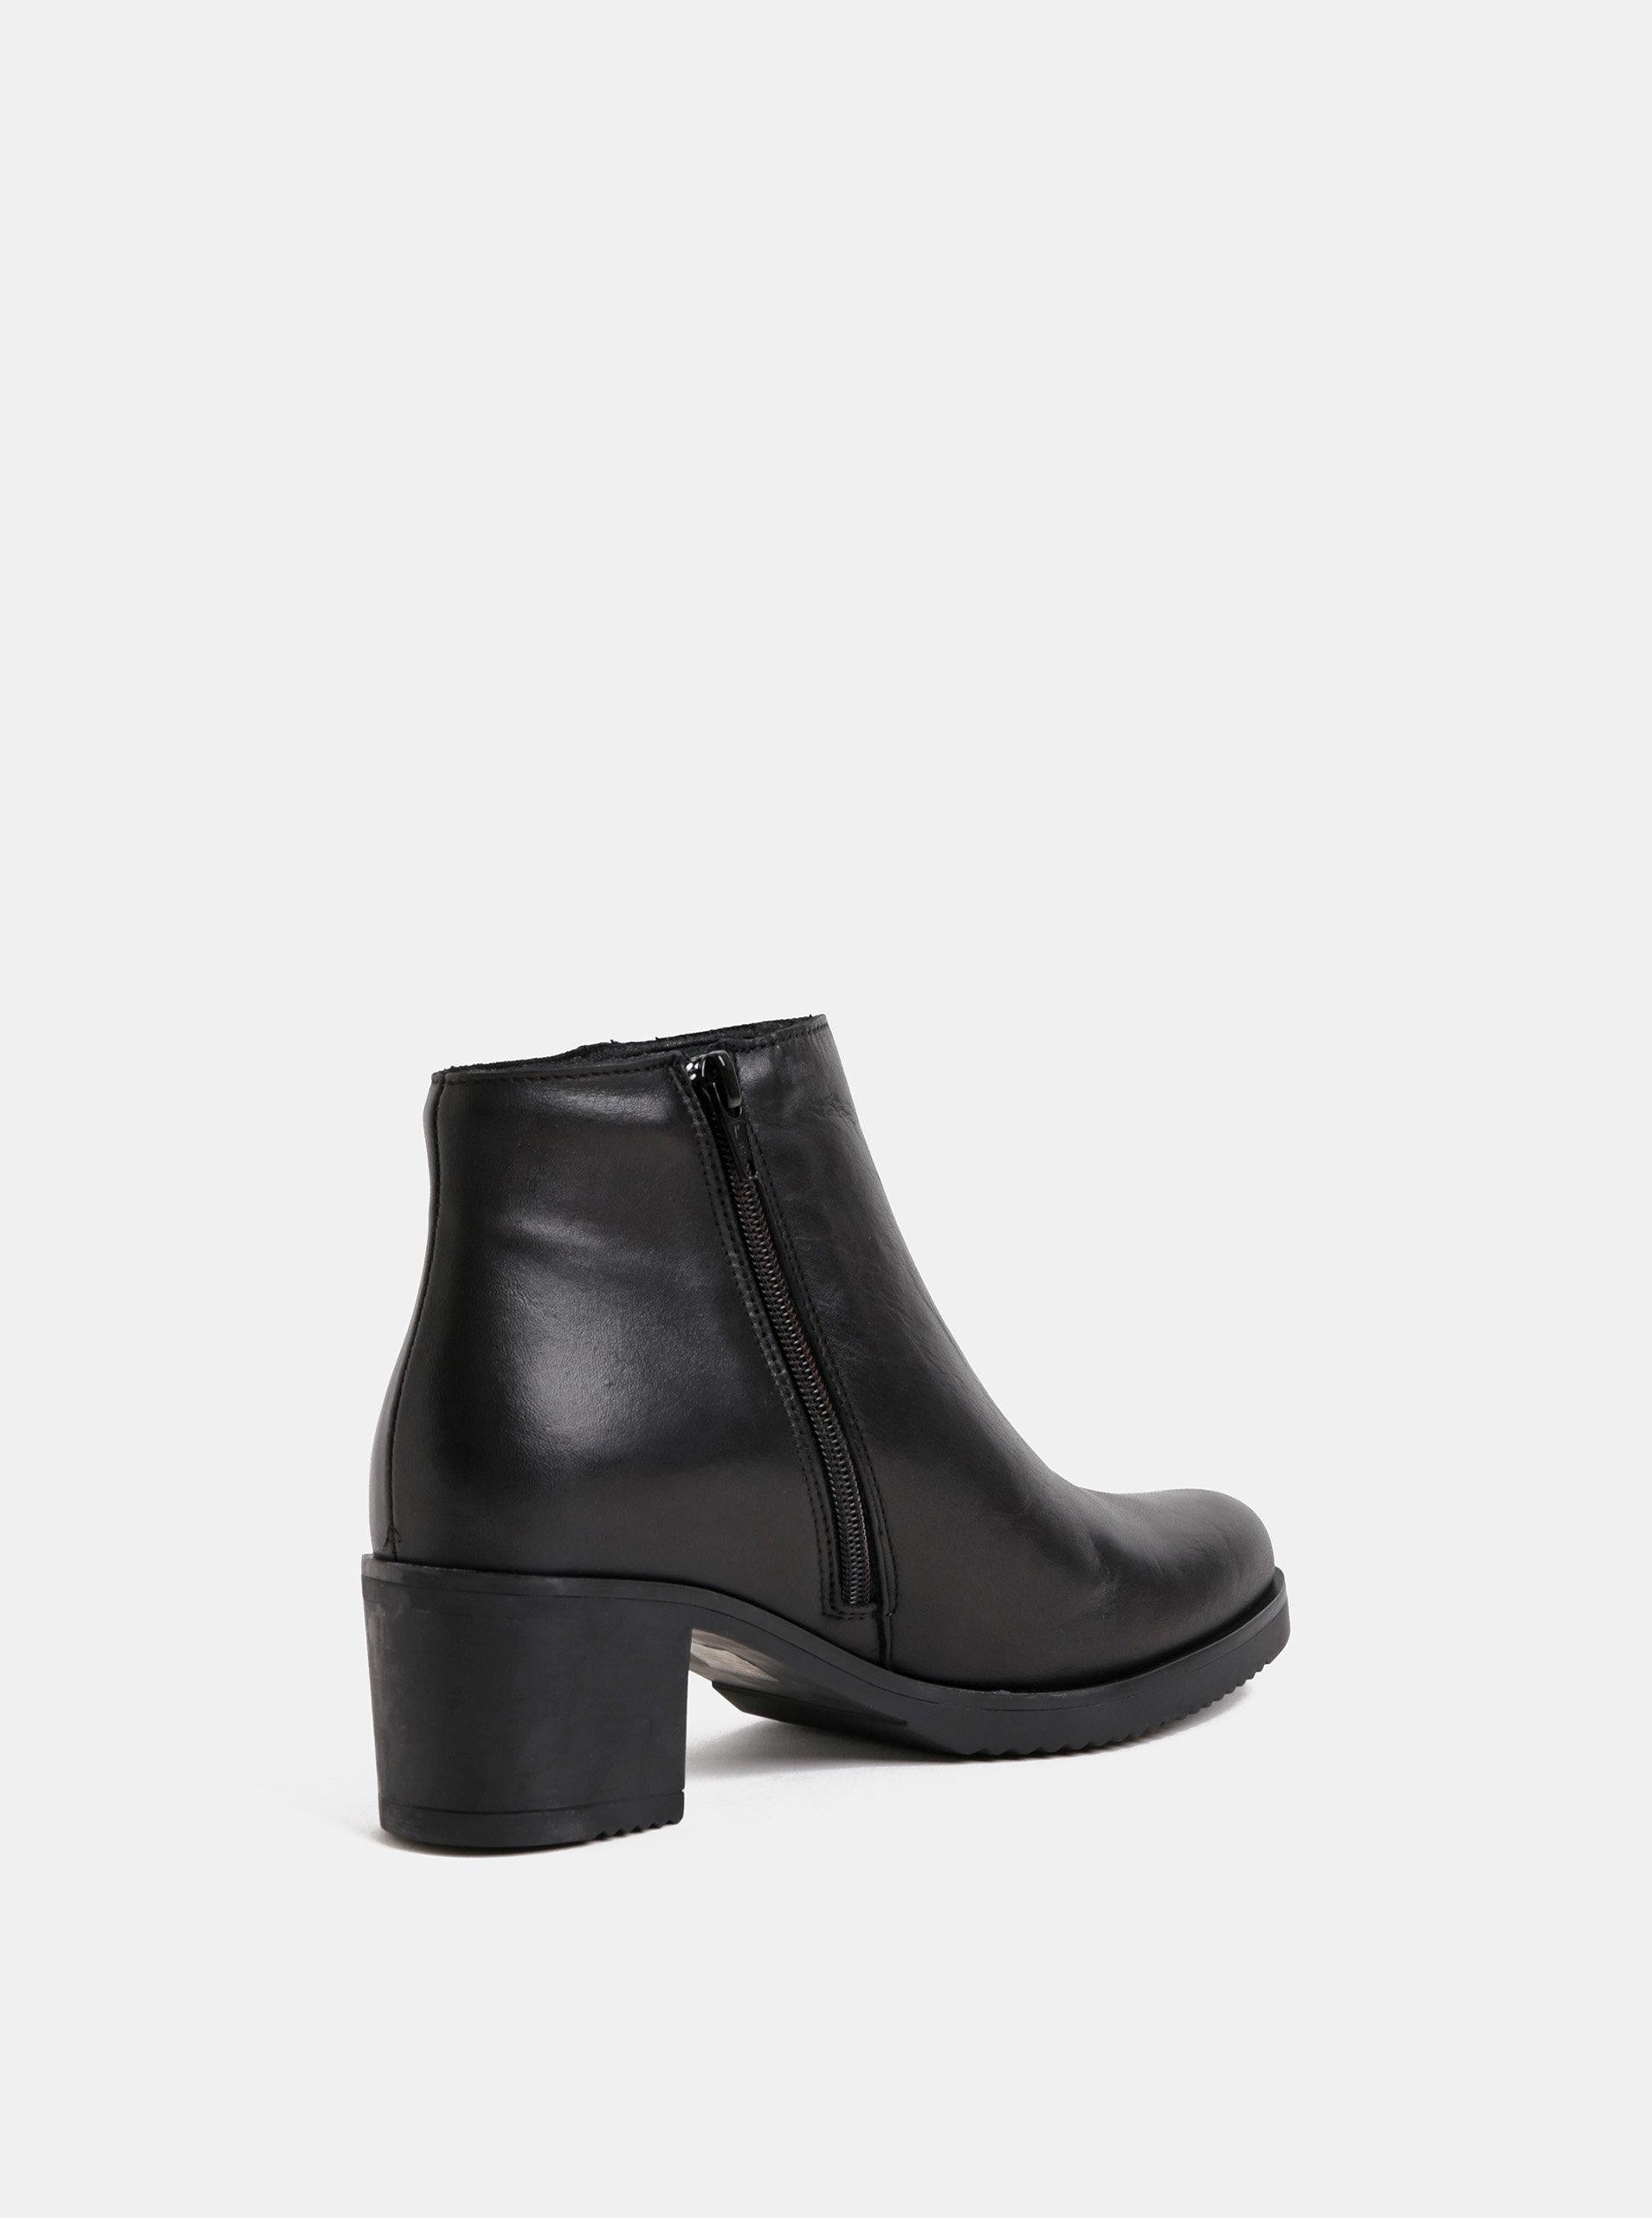 72532f031e1 Černé kožené kotníkové boty na podpatku OJJU ...